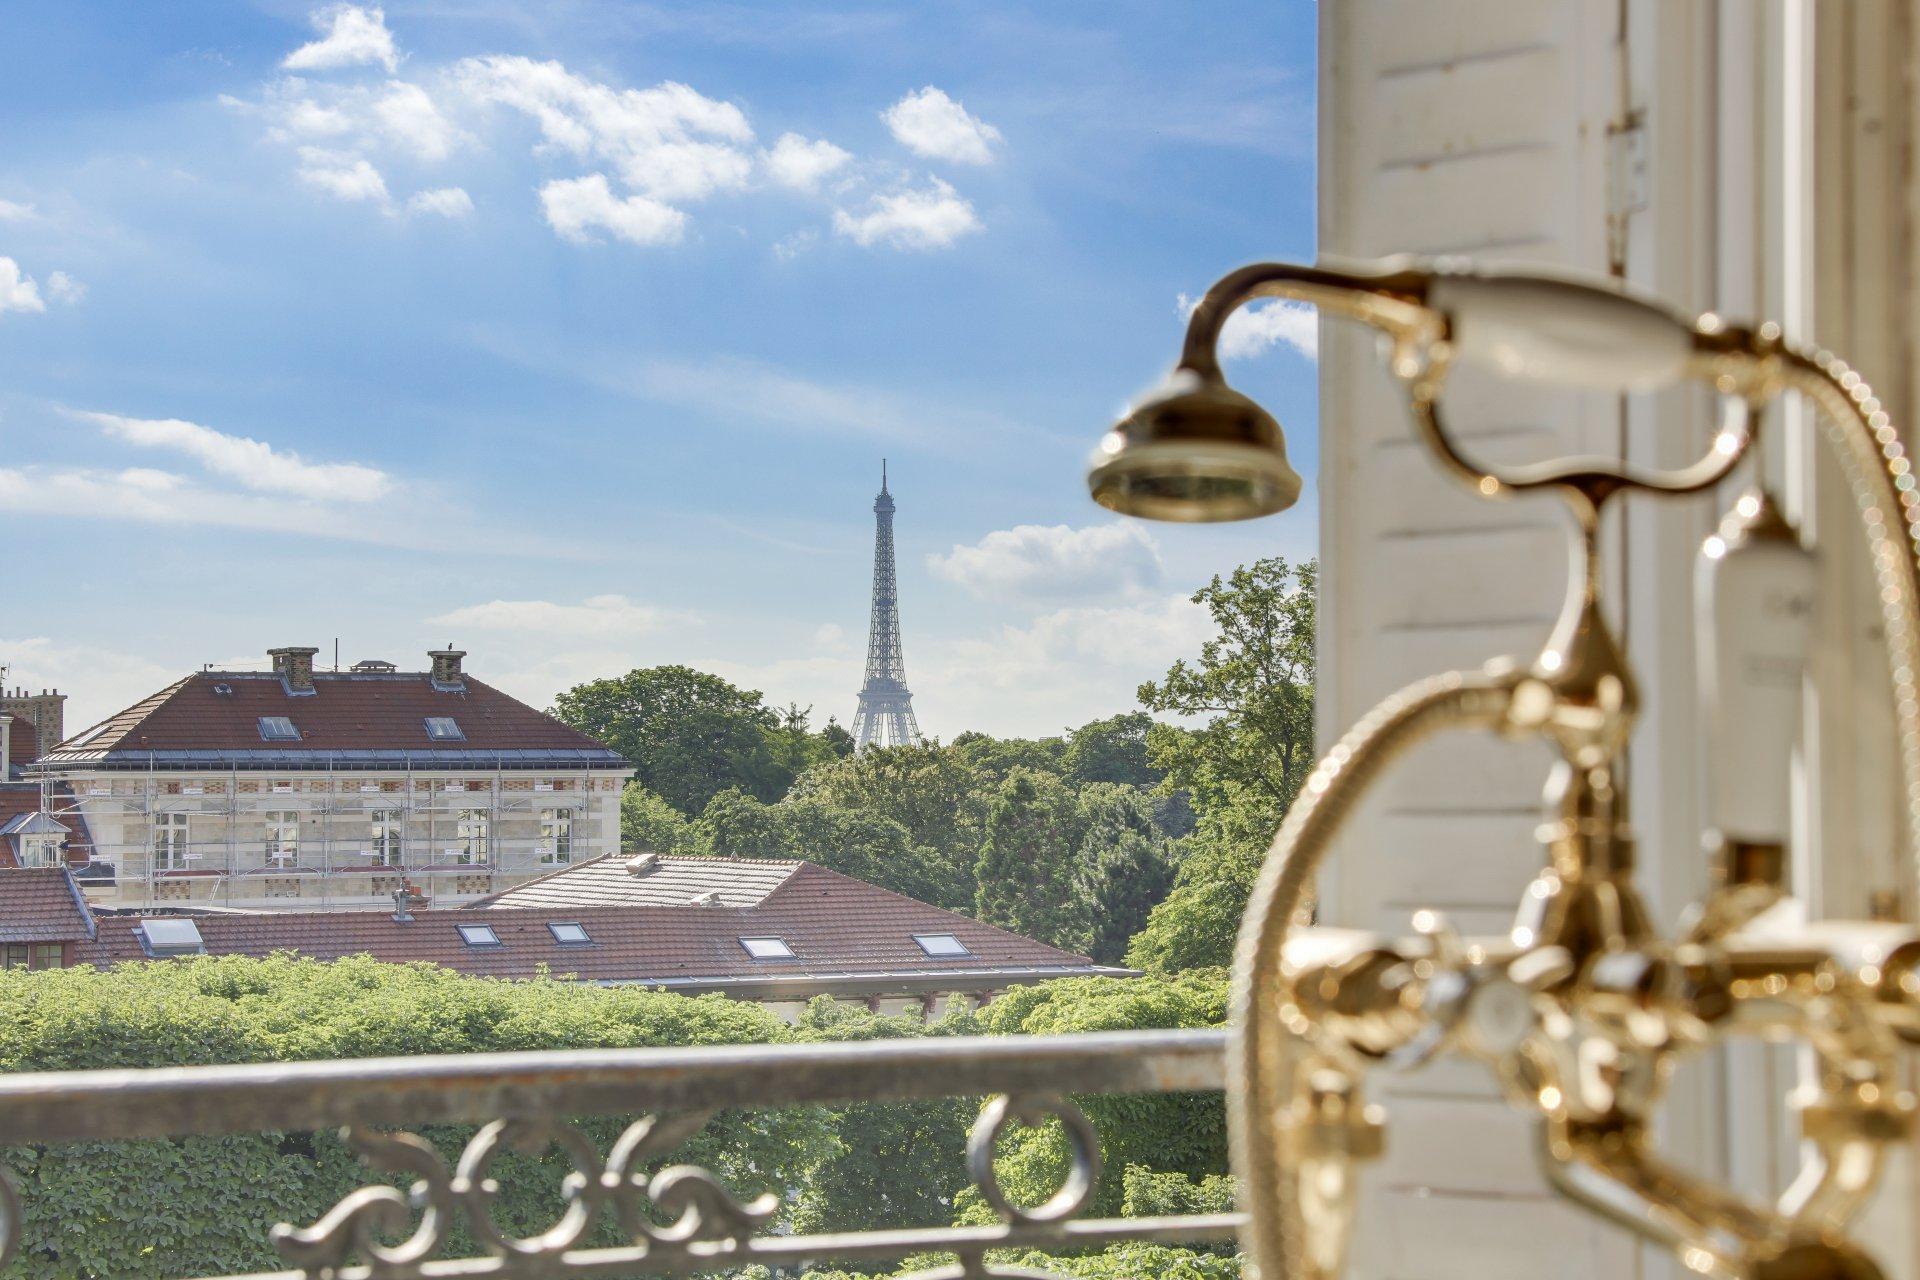 Appartement familial près du Jardin du Luxembourg, pleine vue sur la tour Eiffel.